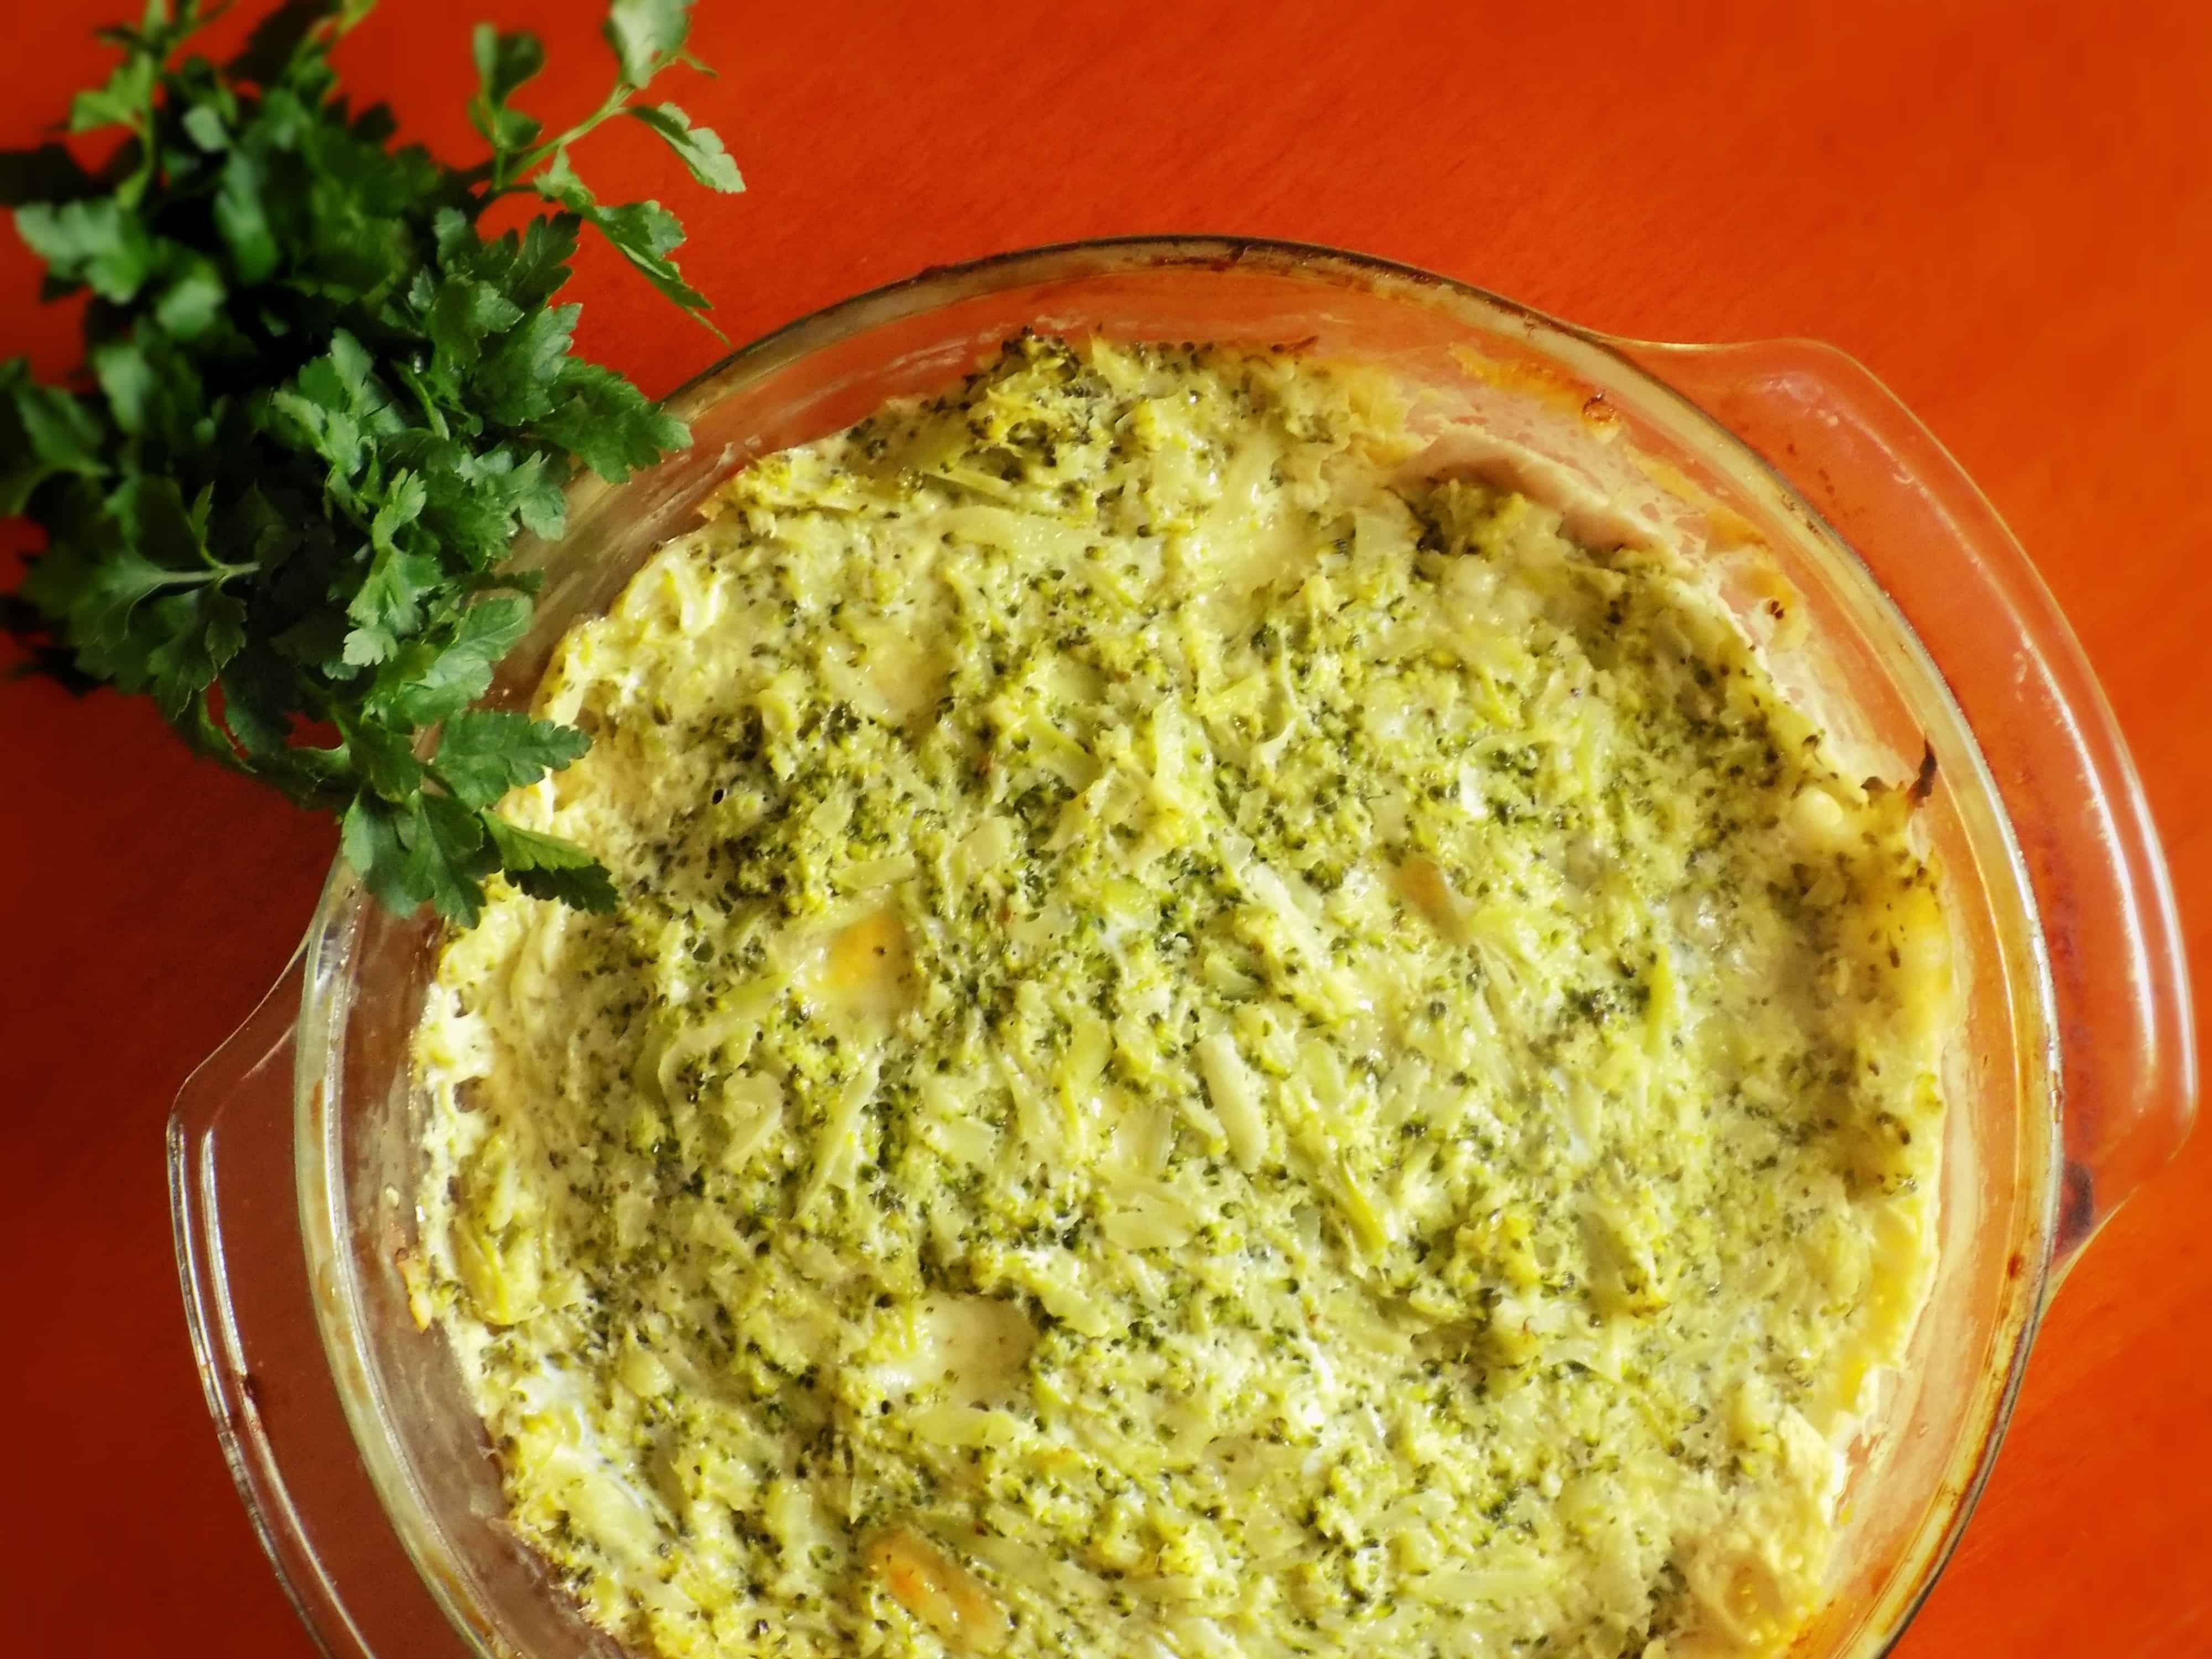 Schab zapiekany w sosie serowo-brokułowym